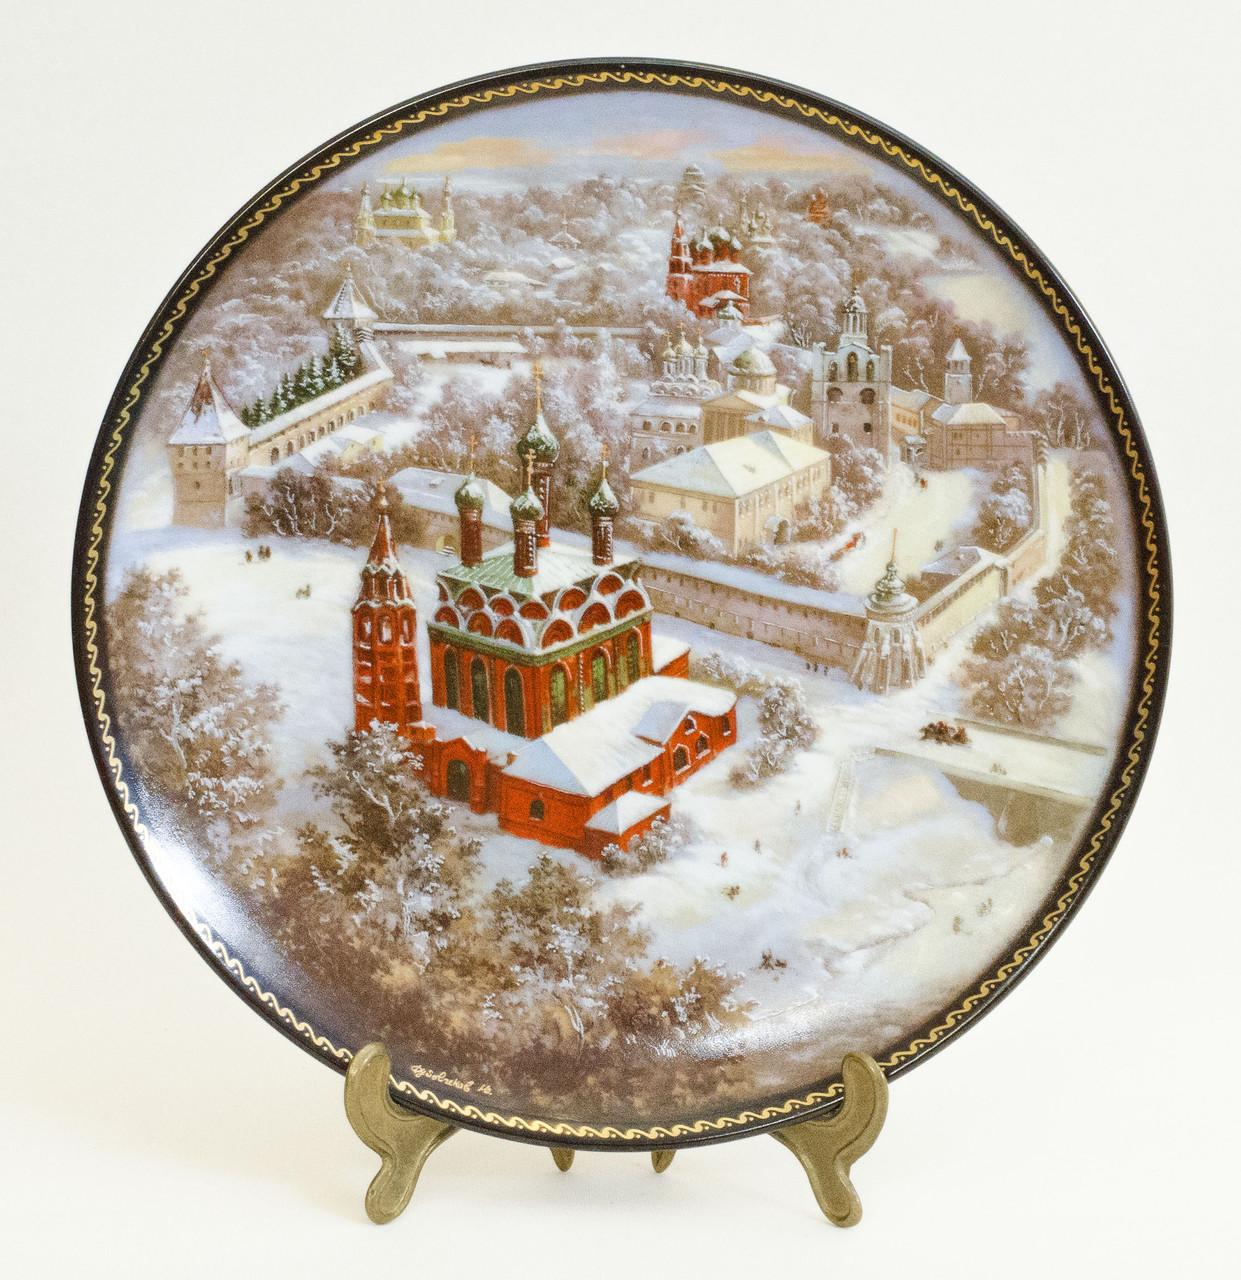 Фарфор, тарелка настенная, Ярославский кремль, 1991, Юрий Дубовихов